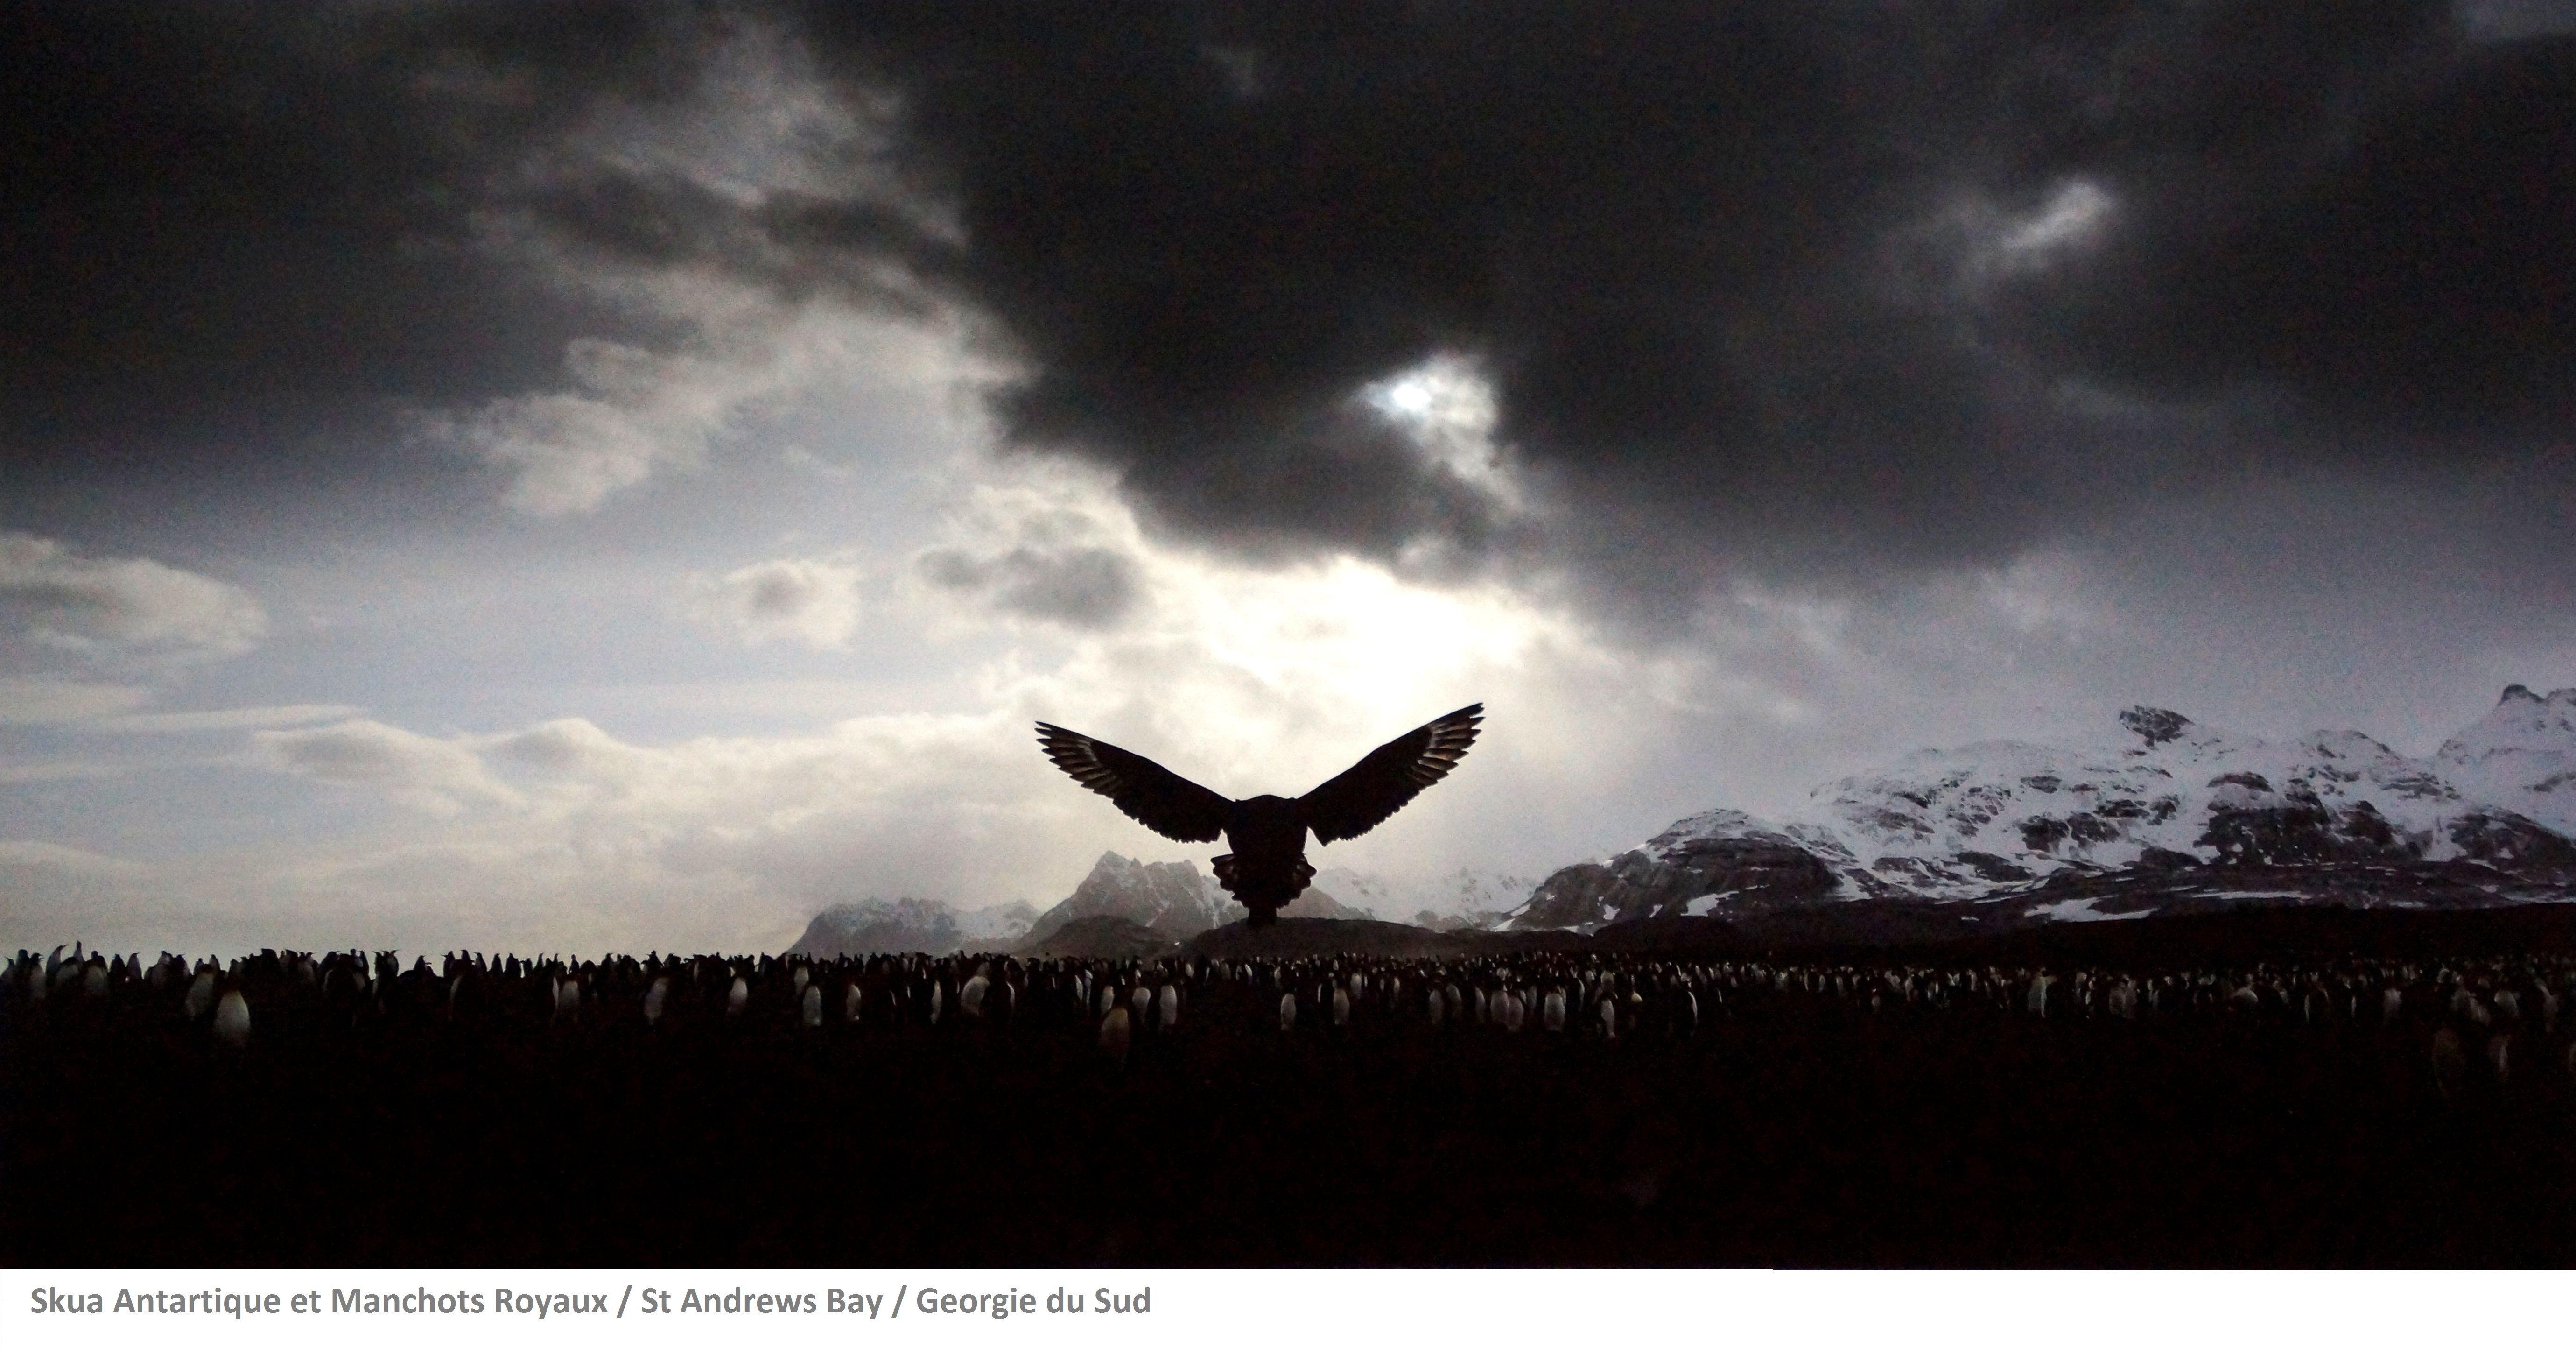 2015 Douzième festival de la photo La Gacilly - Nourrir la planète / Vincent Munier, né en 1976 à Épinal, est l'un des plus réputés photographes animaliers au monde. Traquant, captant avec poésie les espèces venues du froid et la vie sauvage dans des paysages enneigés.